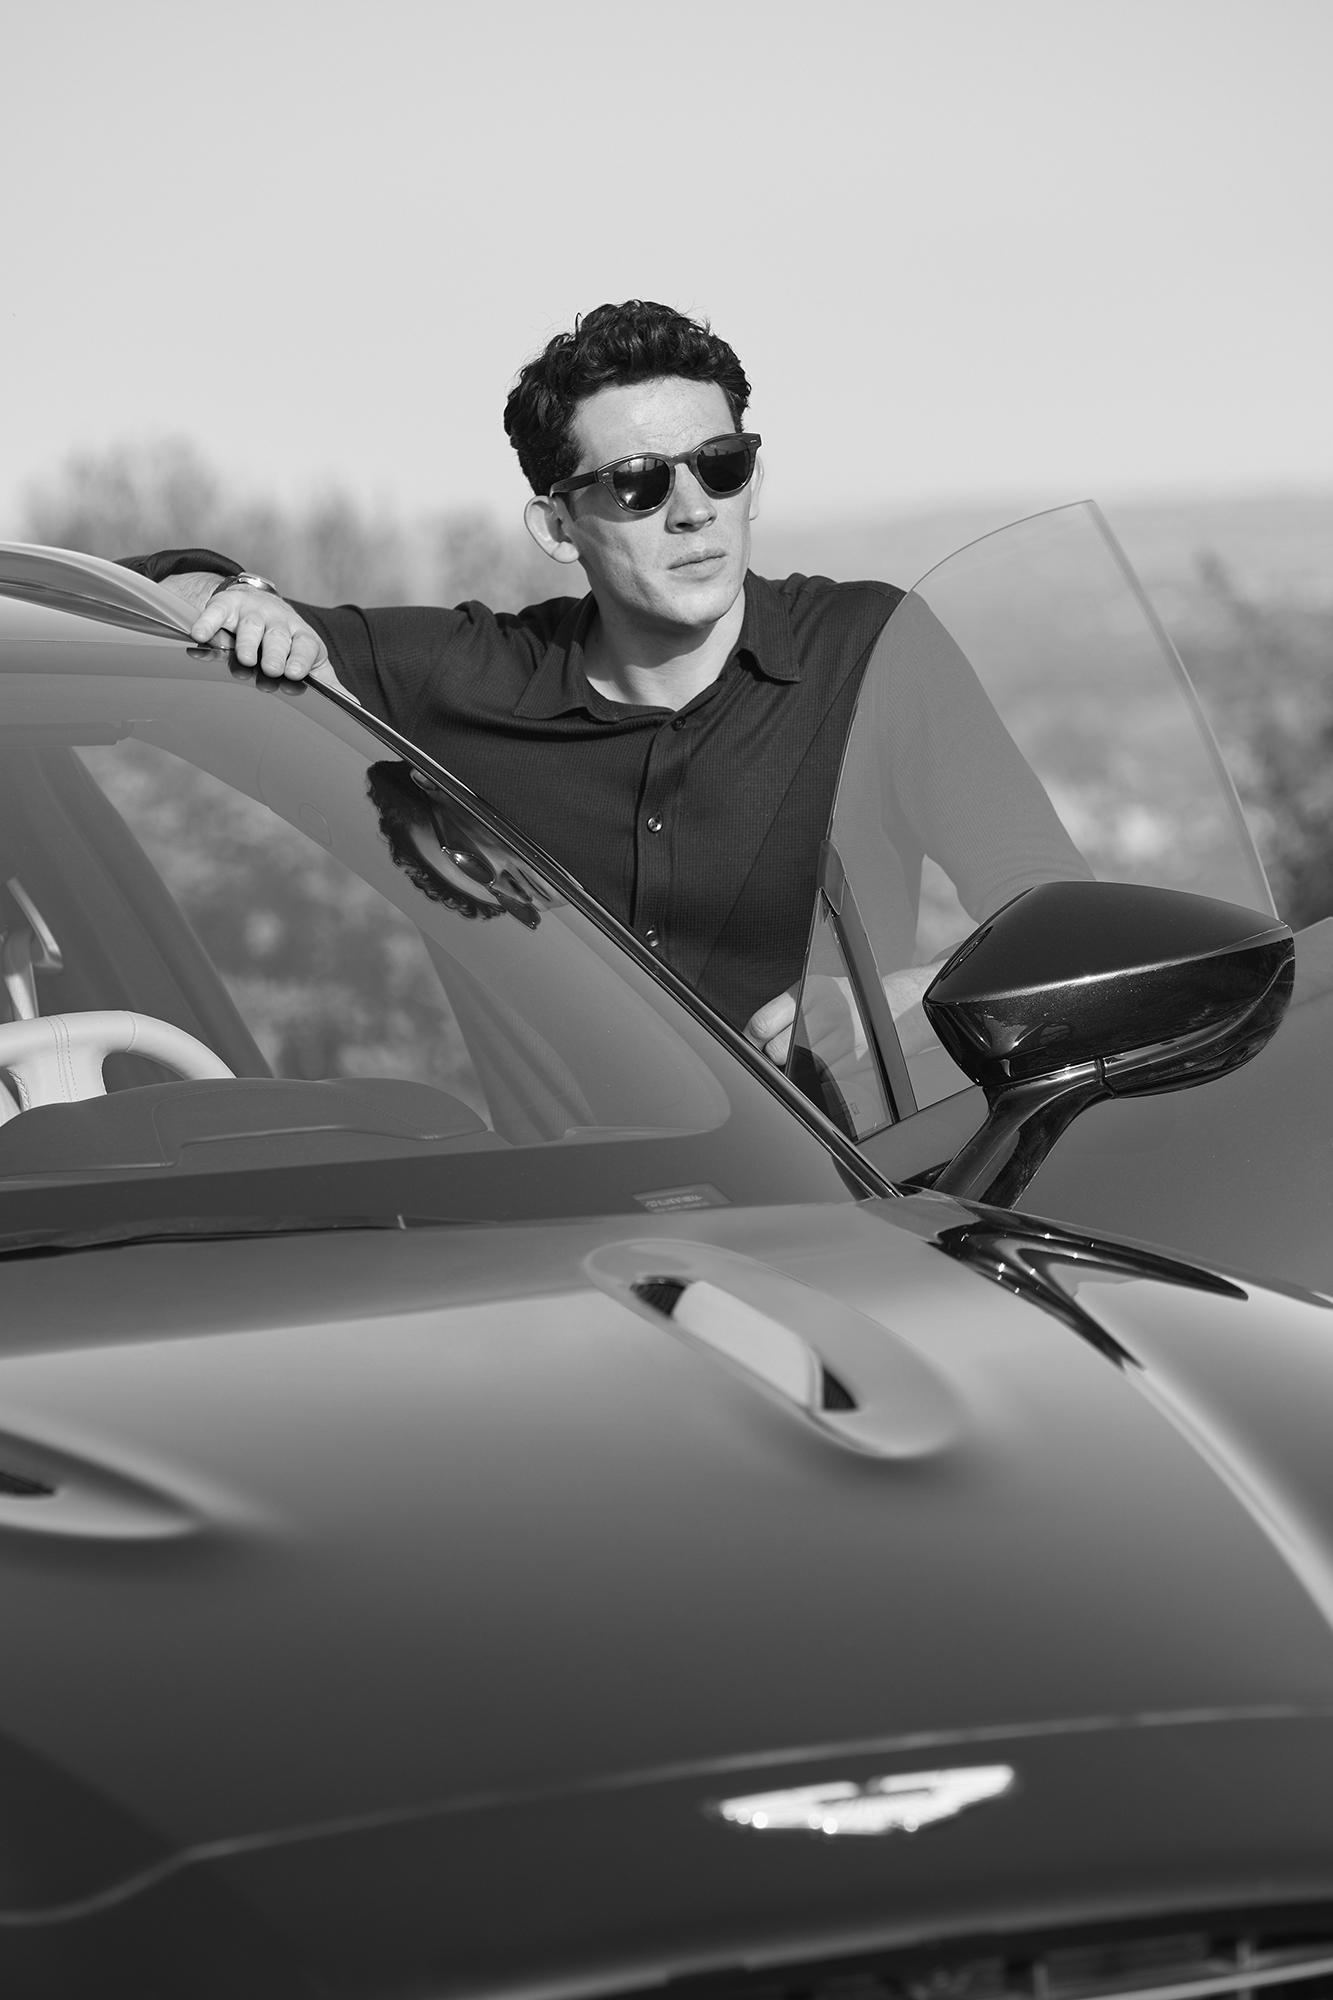 Josh O'Connor in the new Aston Martin DBX film